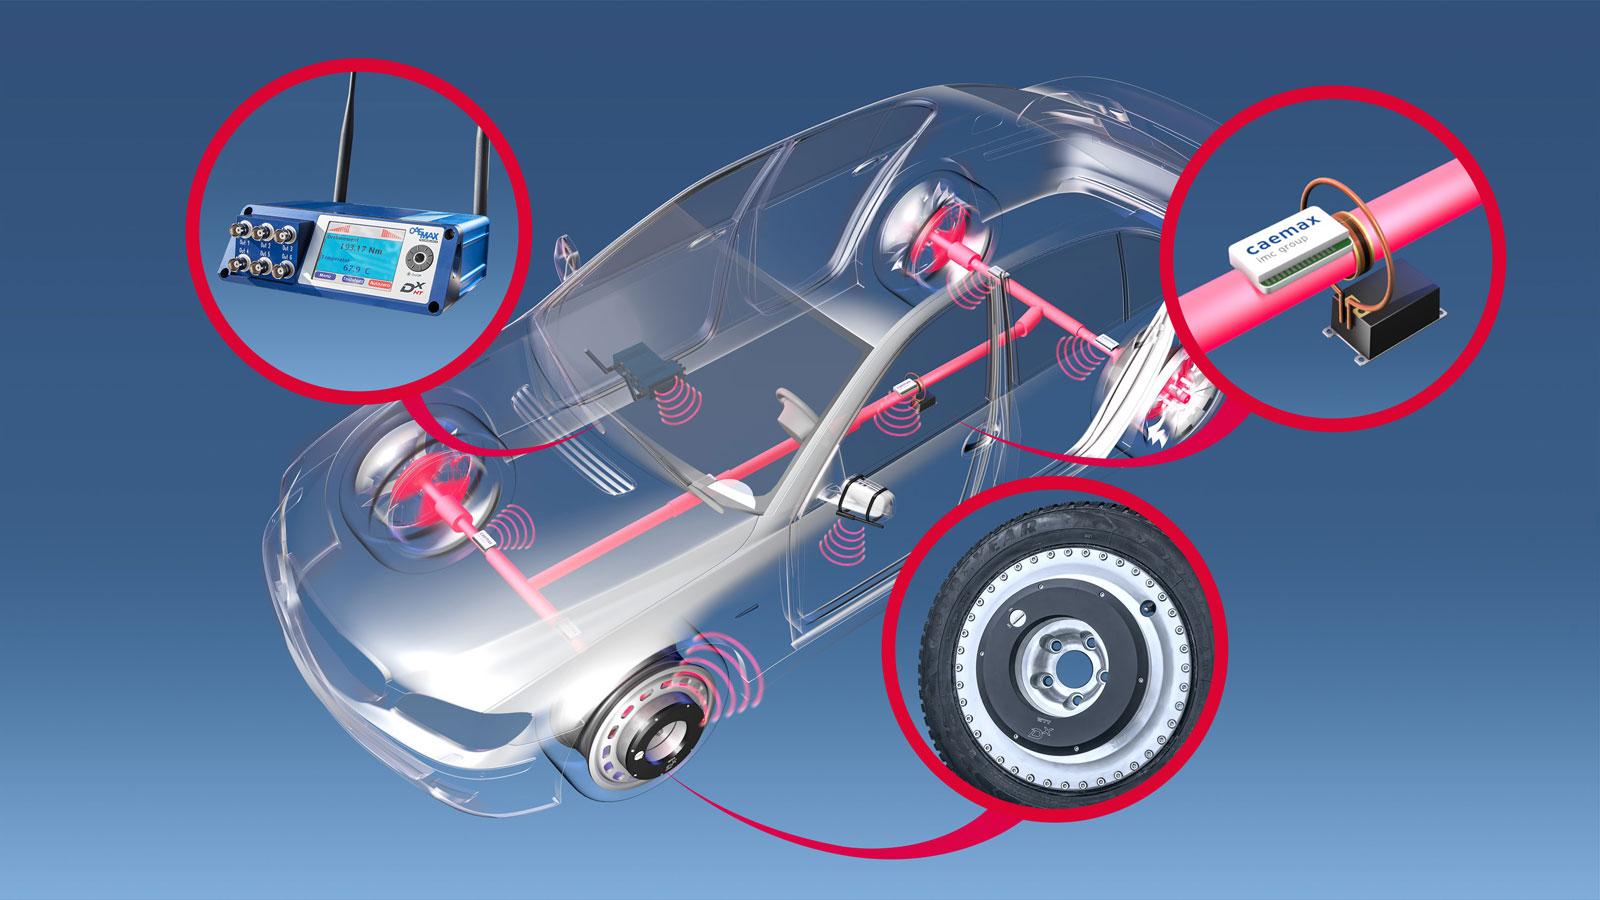 imc 텔레메트리 시스템이 원격 자동차 테스트에 사용되는 예시